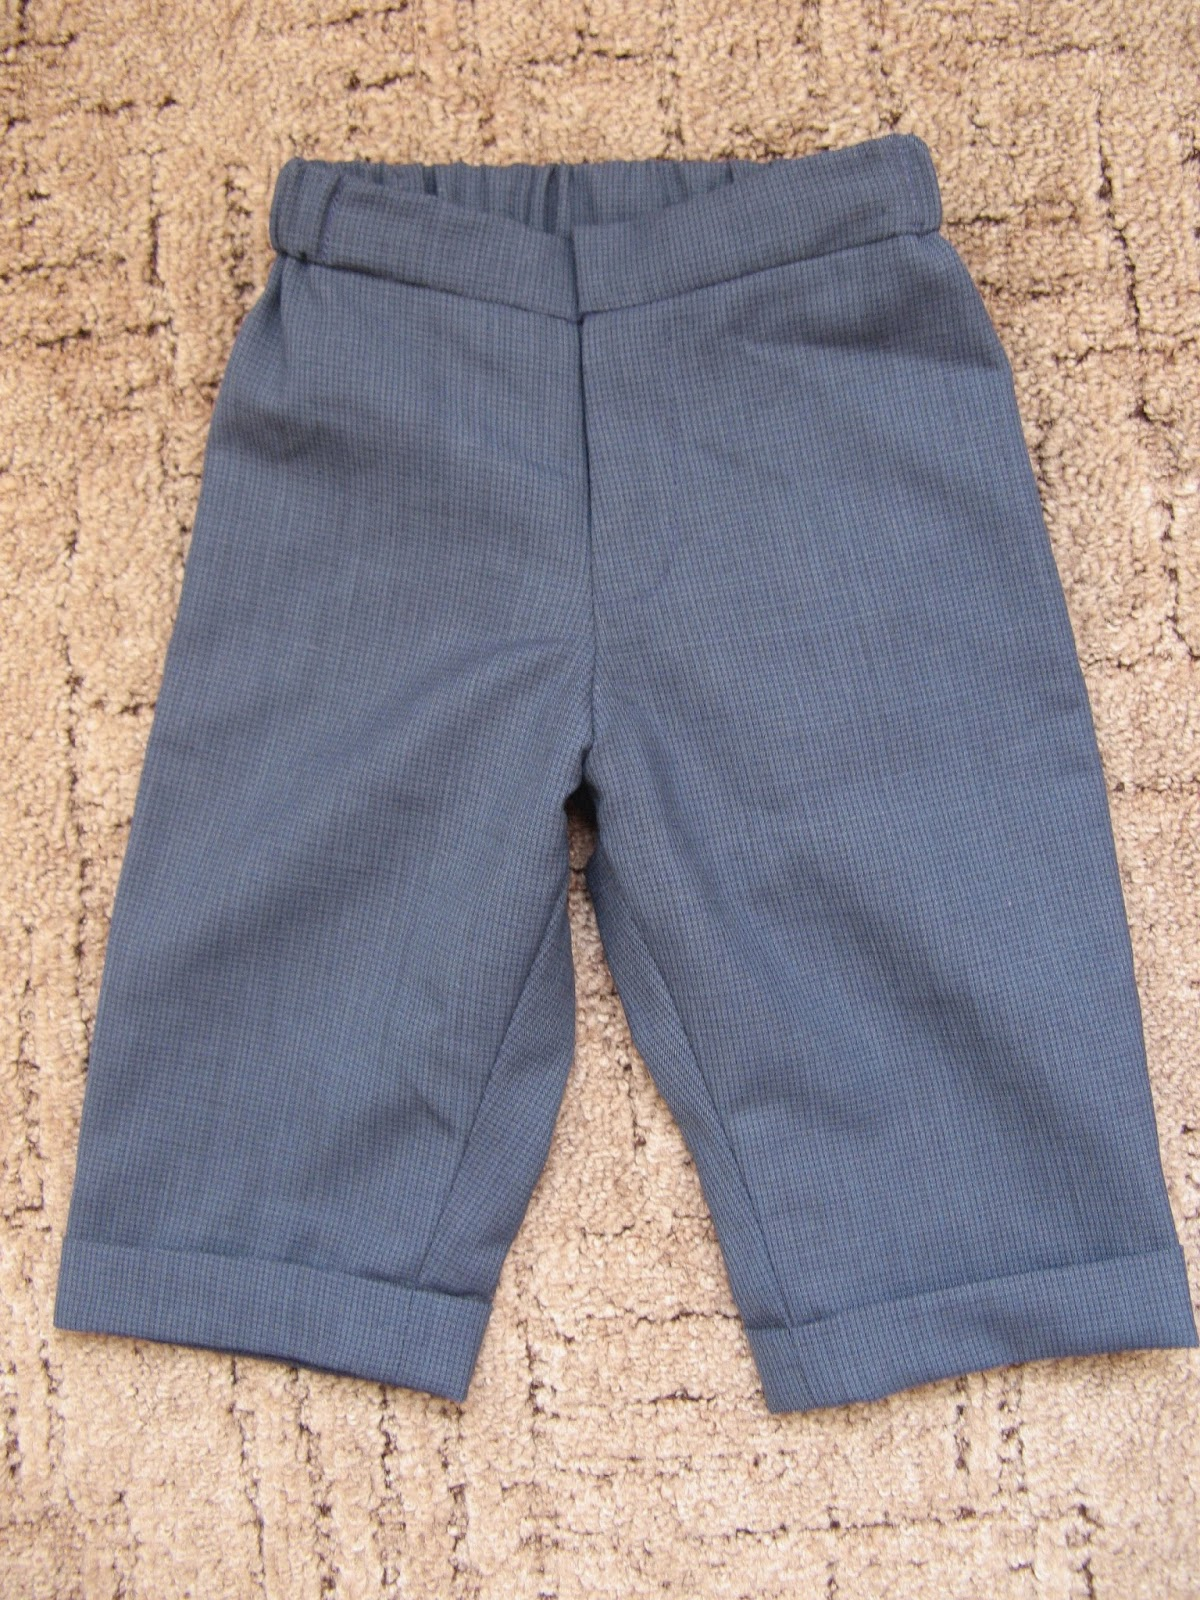 брюки на мальчика до года своими руками